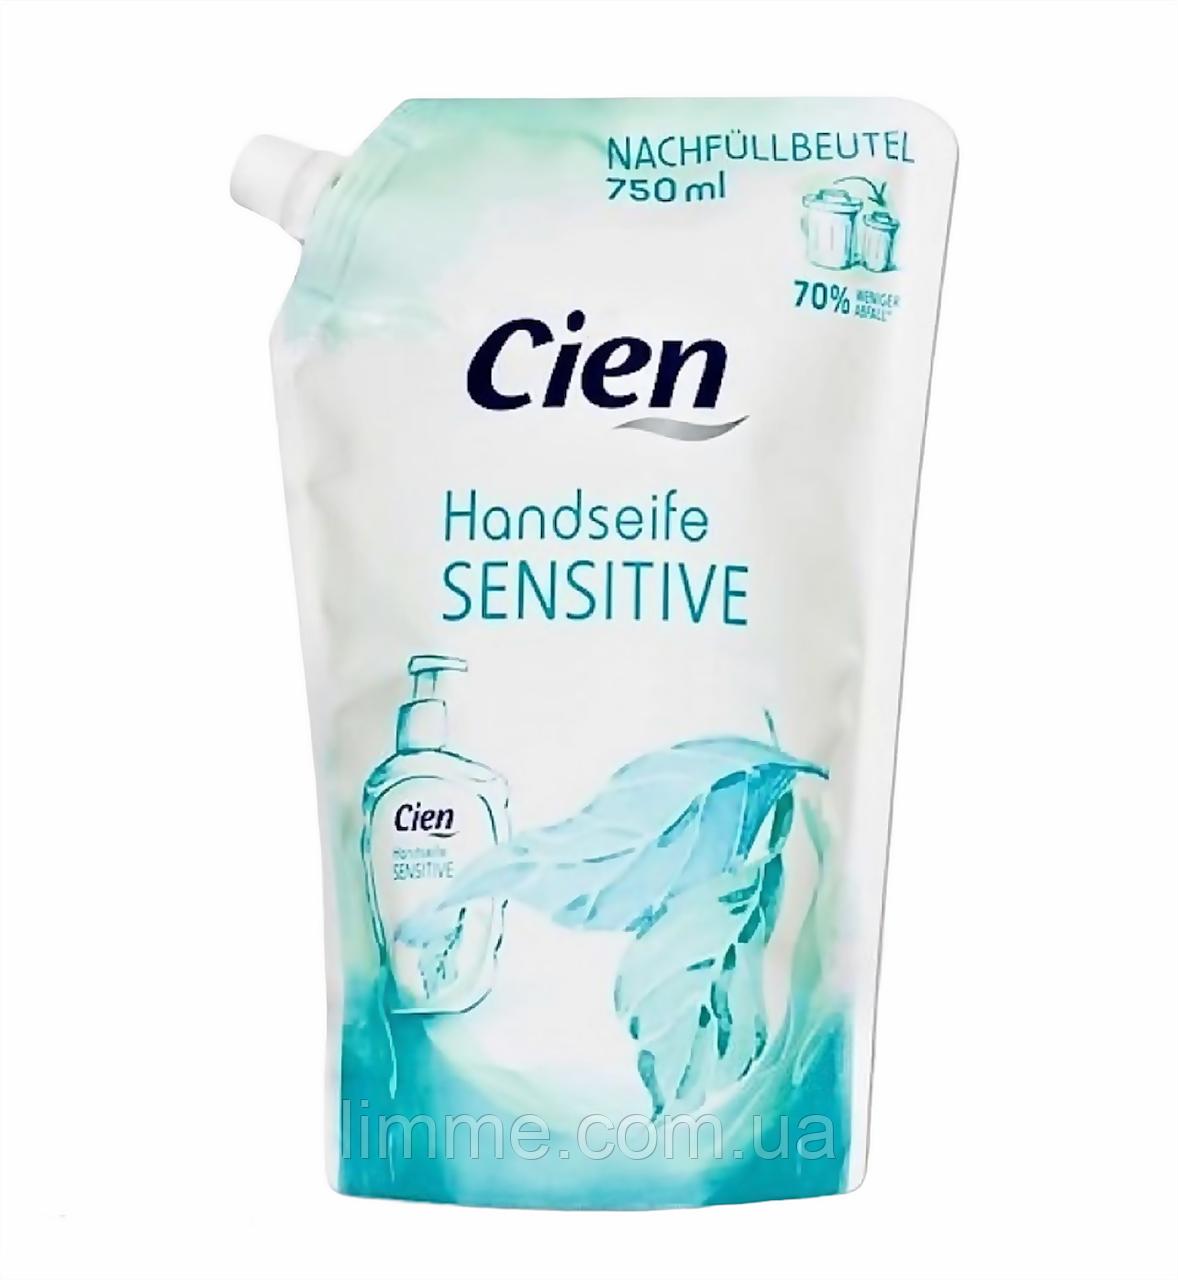 Рідке мило для рук для чутливої шкіри Cien Sensetive (запаска) 750 мл.